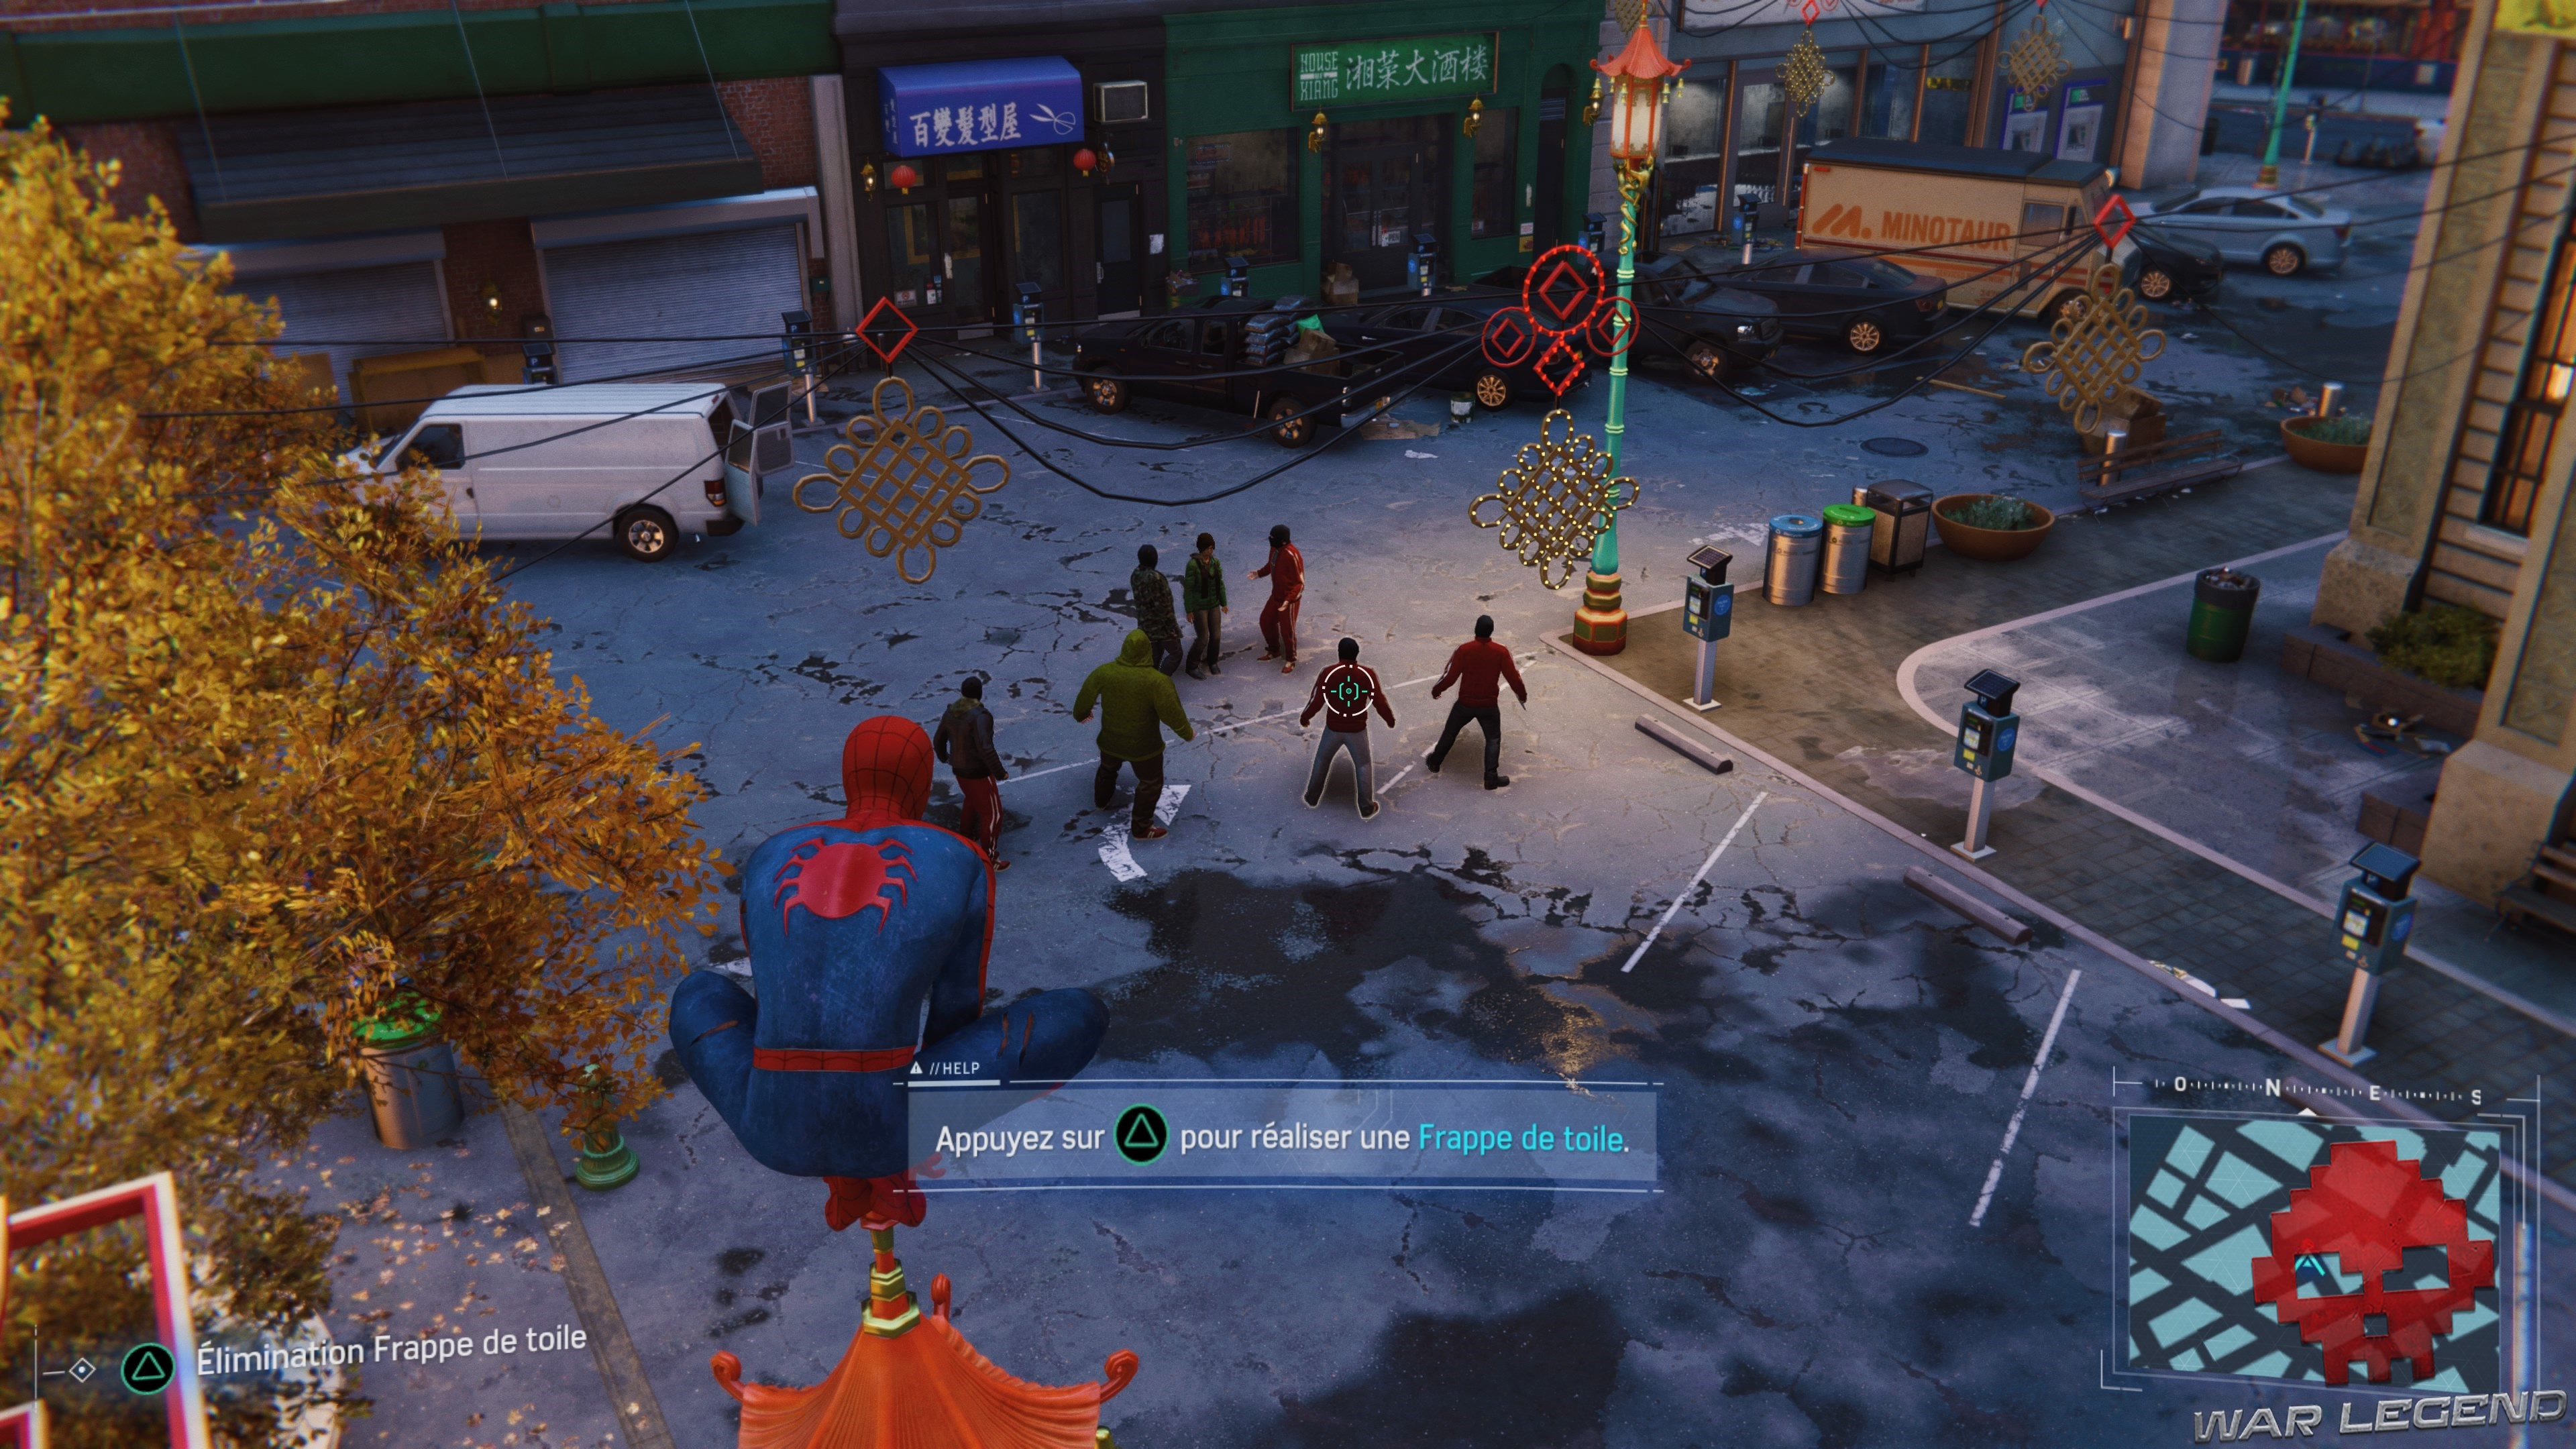 Des criminels sont regroupés au milieu d'une rue